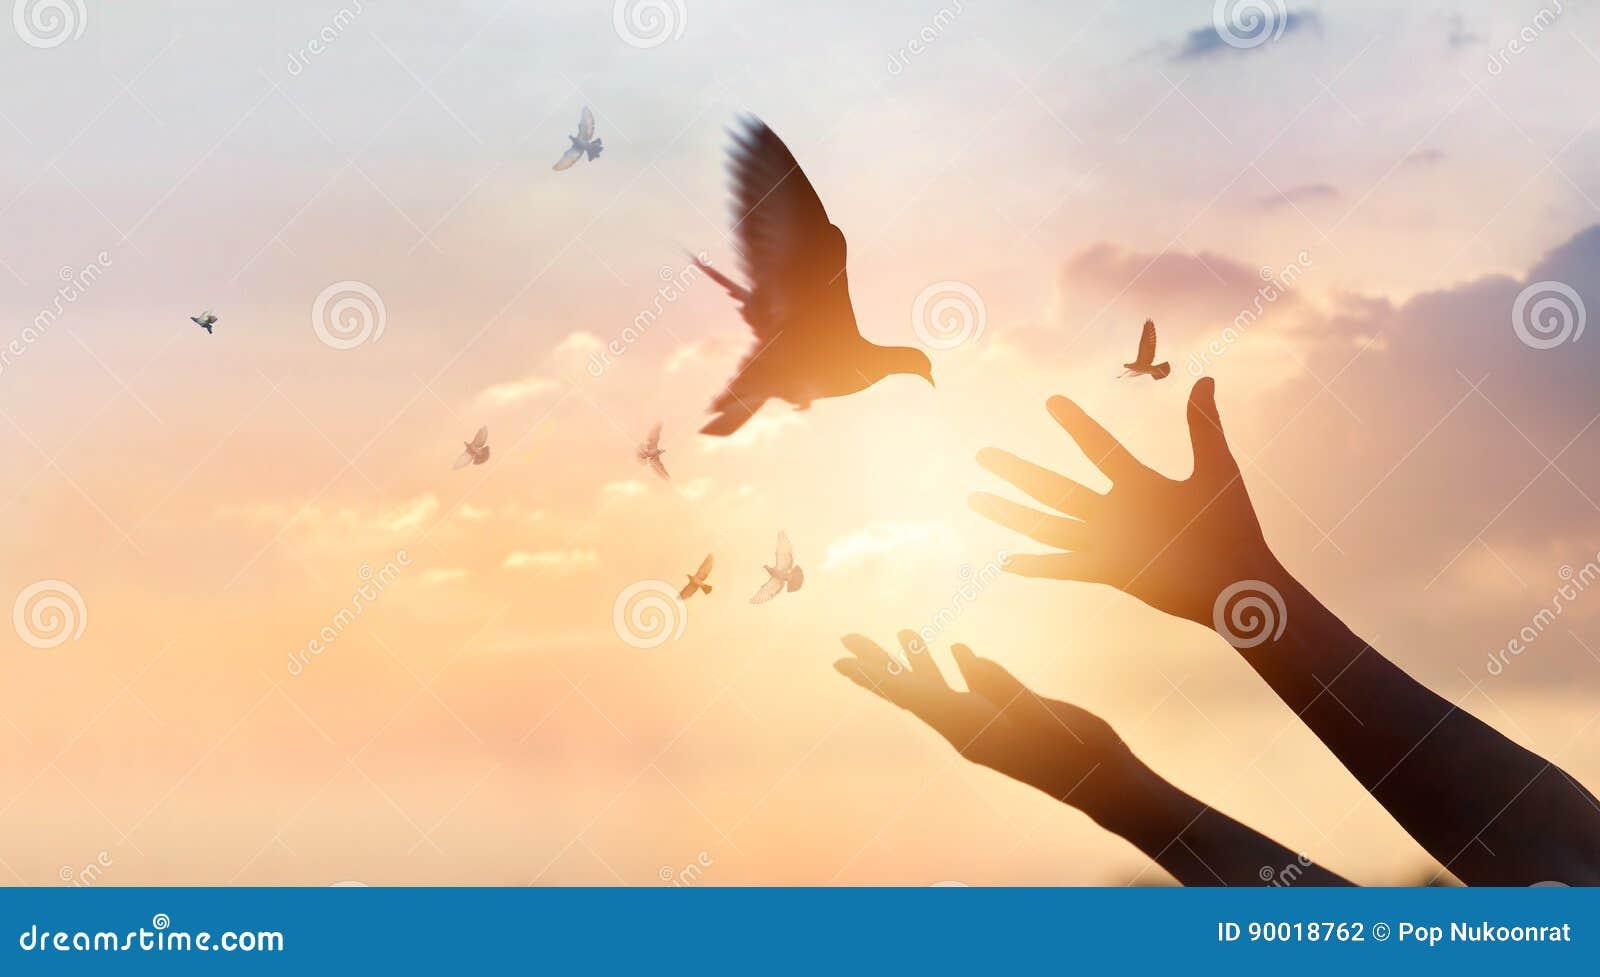 La mujer que ruega y libera los pájaros que vuelan en fondo de la puesta del sol